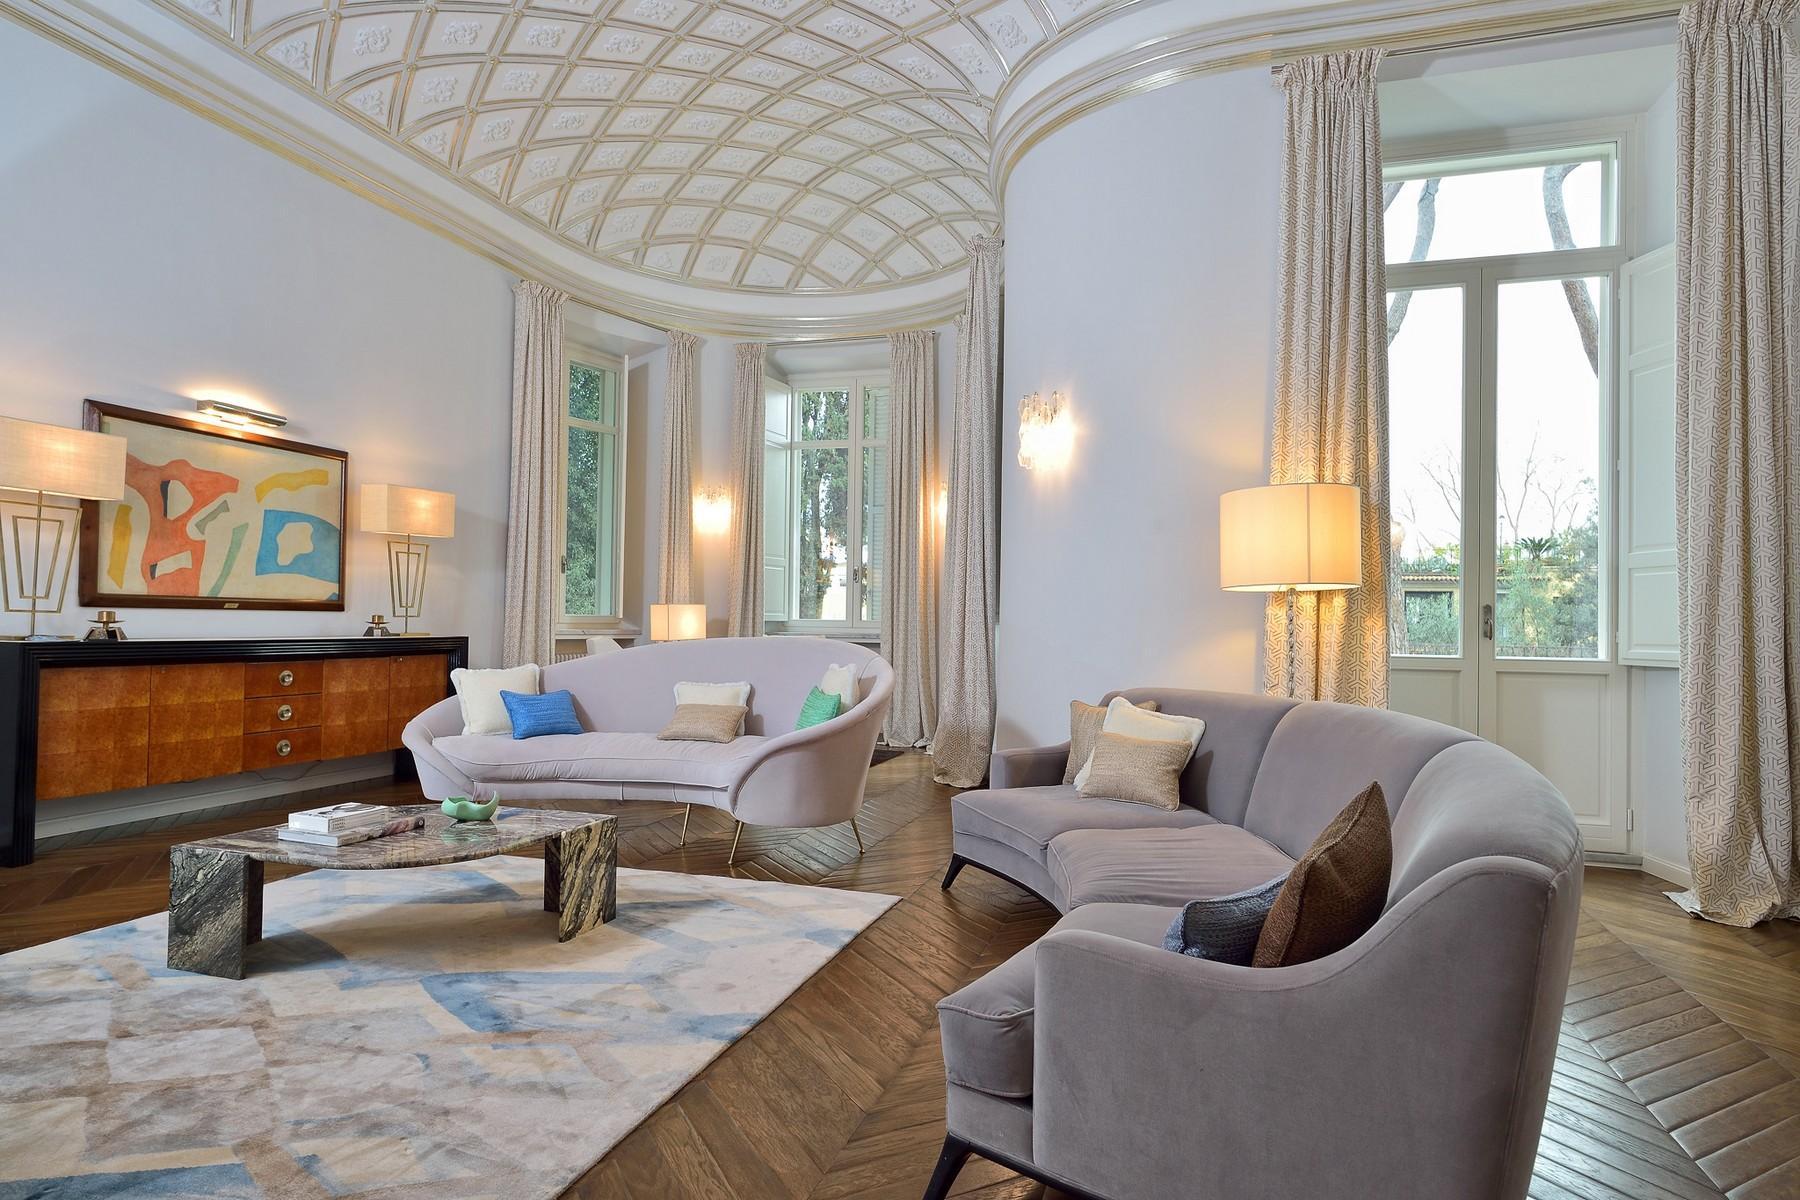 Majestic Villa dominating Rome - 15